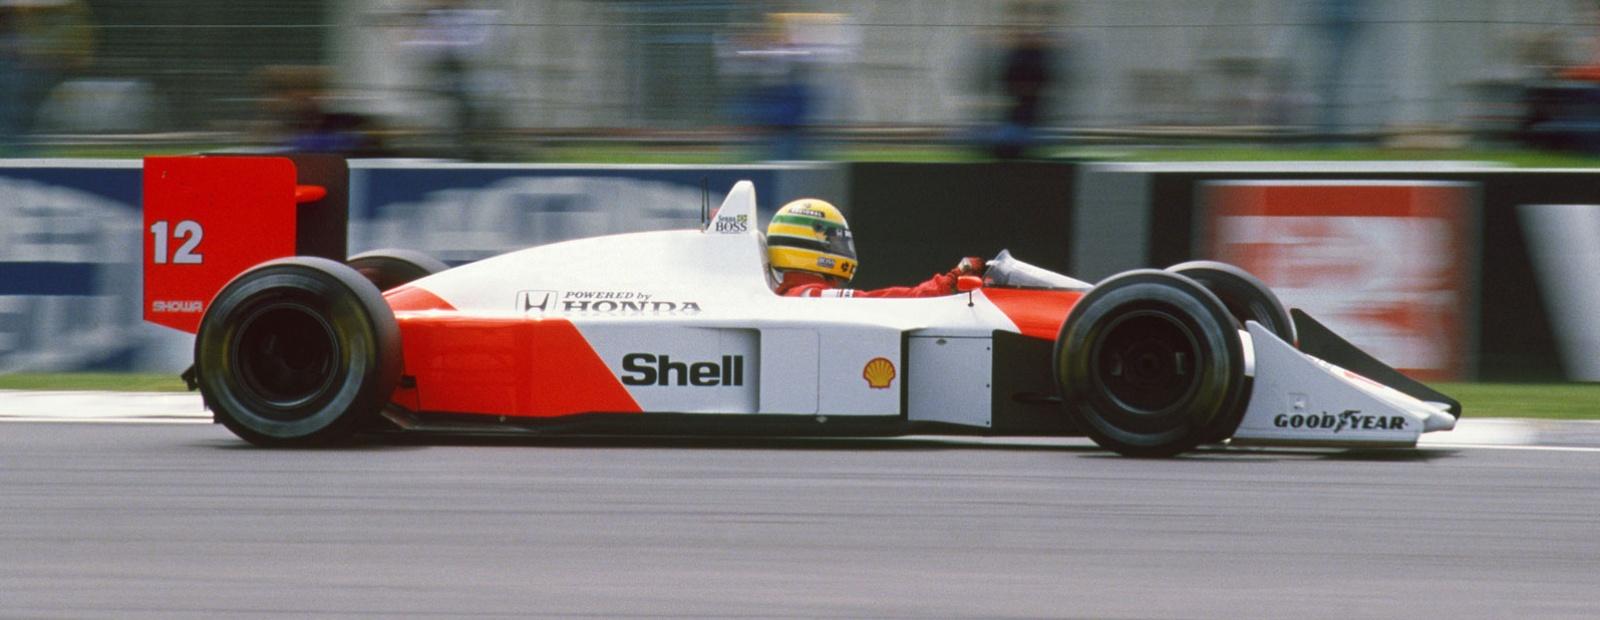 Nyereményjáték: Nyerd meg Ayrton Senna legendás modellautóját